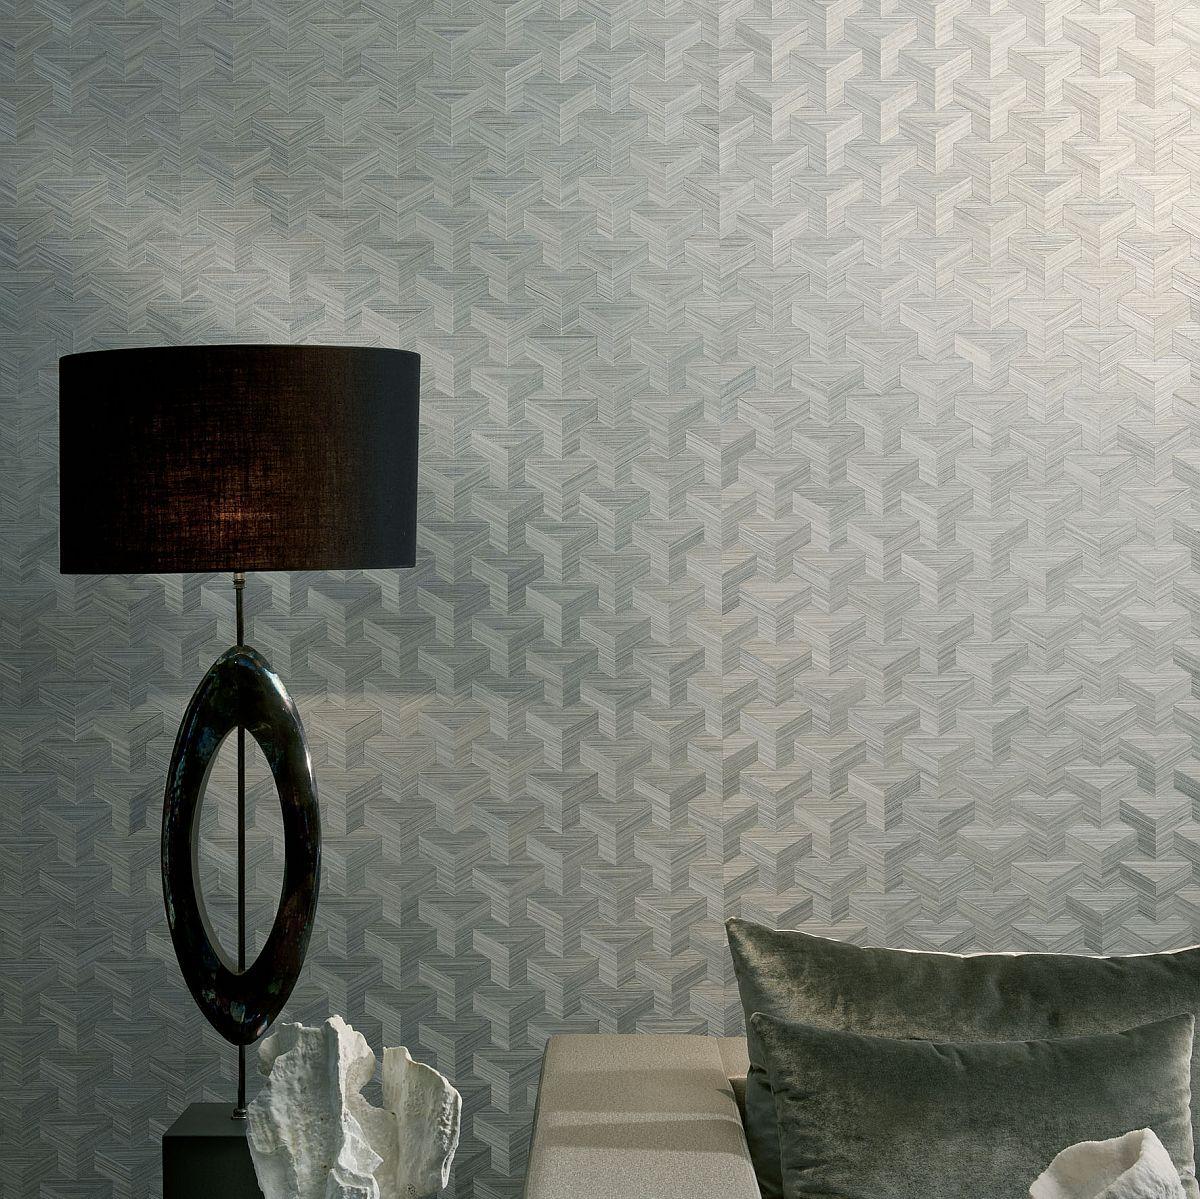 Vlies Sisal Tapete Heliodor Cube Silber Grau 49006 Heliodor